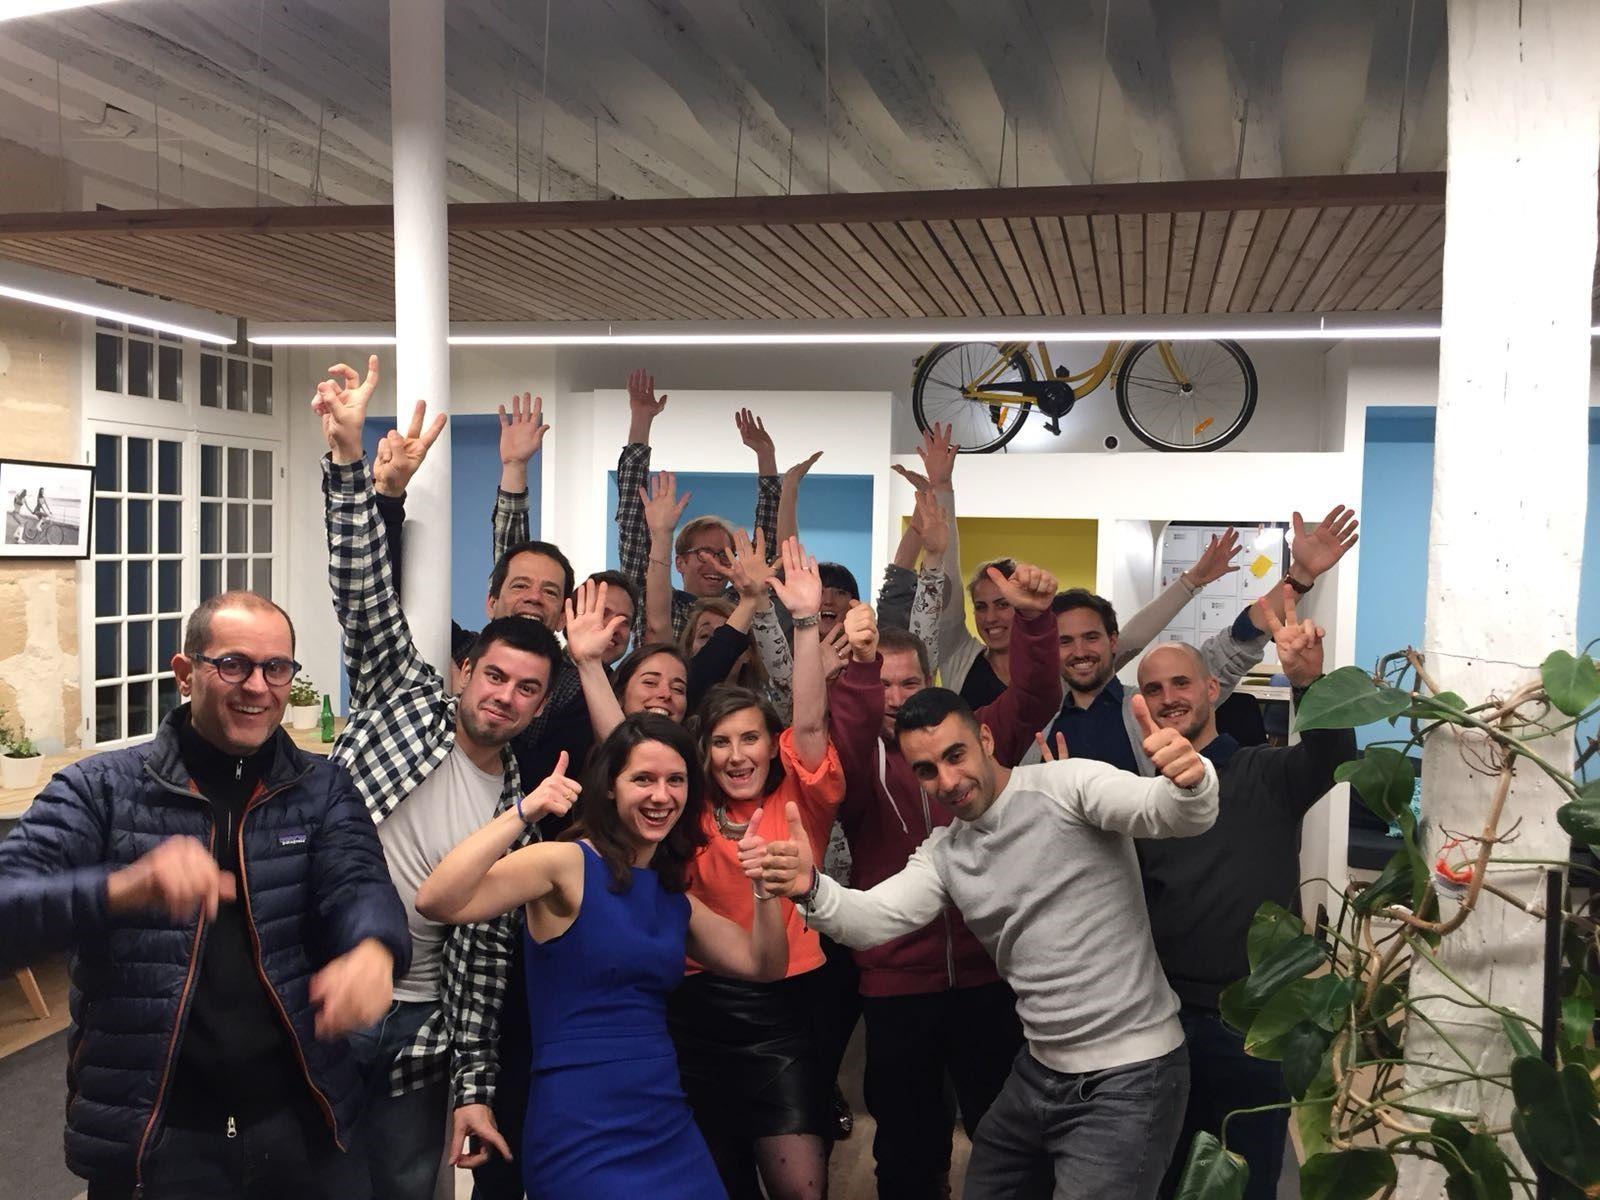 Photos souvenir de la soirée de clôture du Challenge Detox d' Urban Challenge chez MyCowork  http://ow.ly/Ulu130iMDHt  #sport #outdoor #detox #apéro #coworking #coworkers #coolworkers #coworkingspace #cafewifi #resident #bureau #privatisation